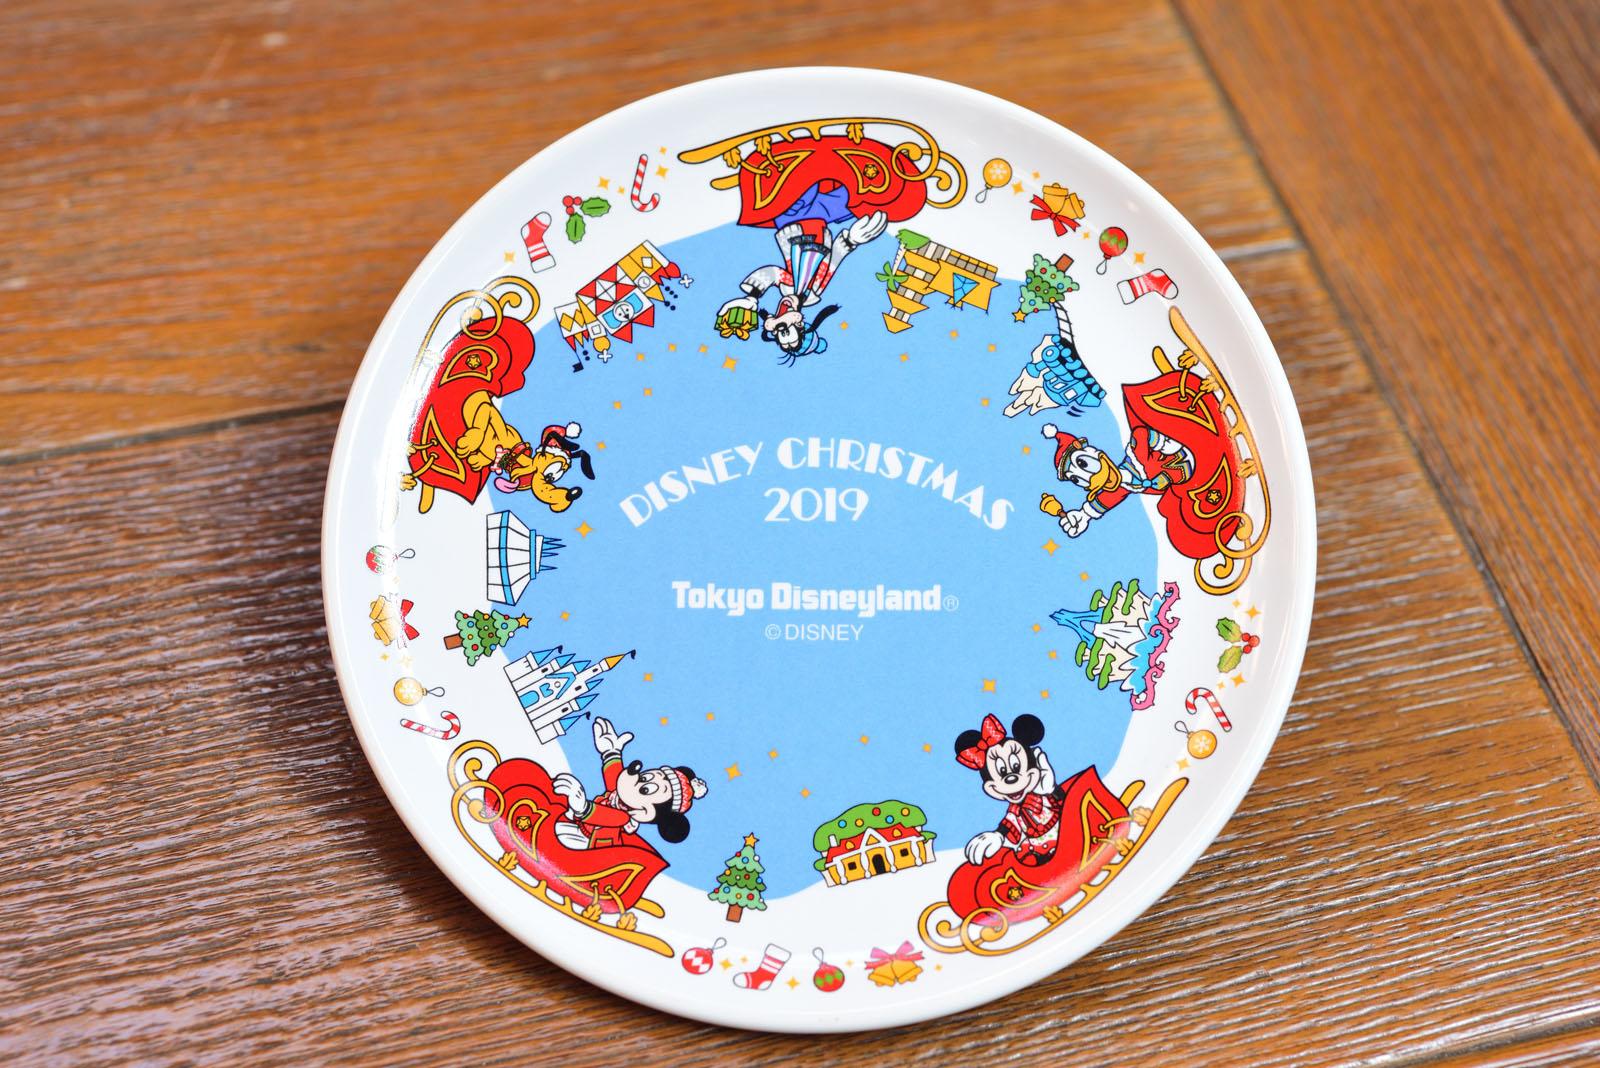 東京ディズニーランド ディズニー・クリスマス2019 クランベリー&紅茶のケーキ、スーベニアプレート付き